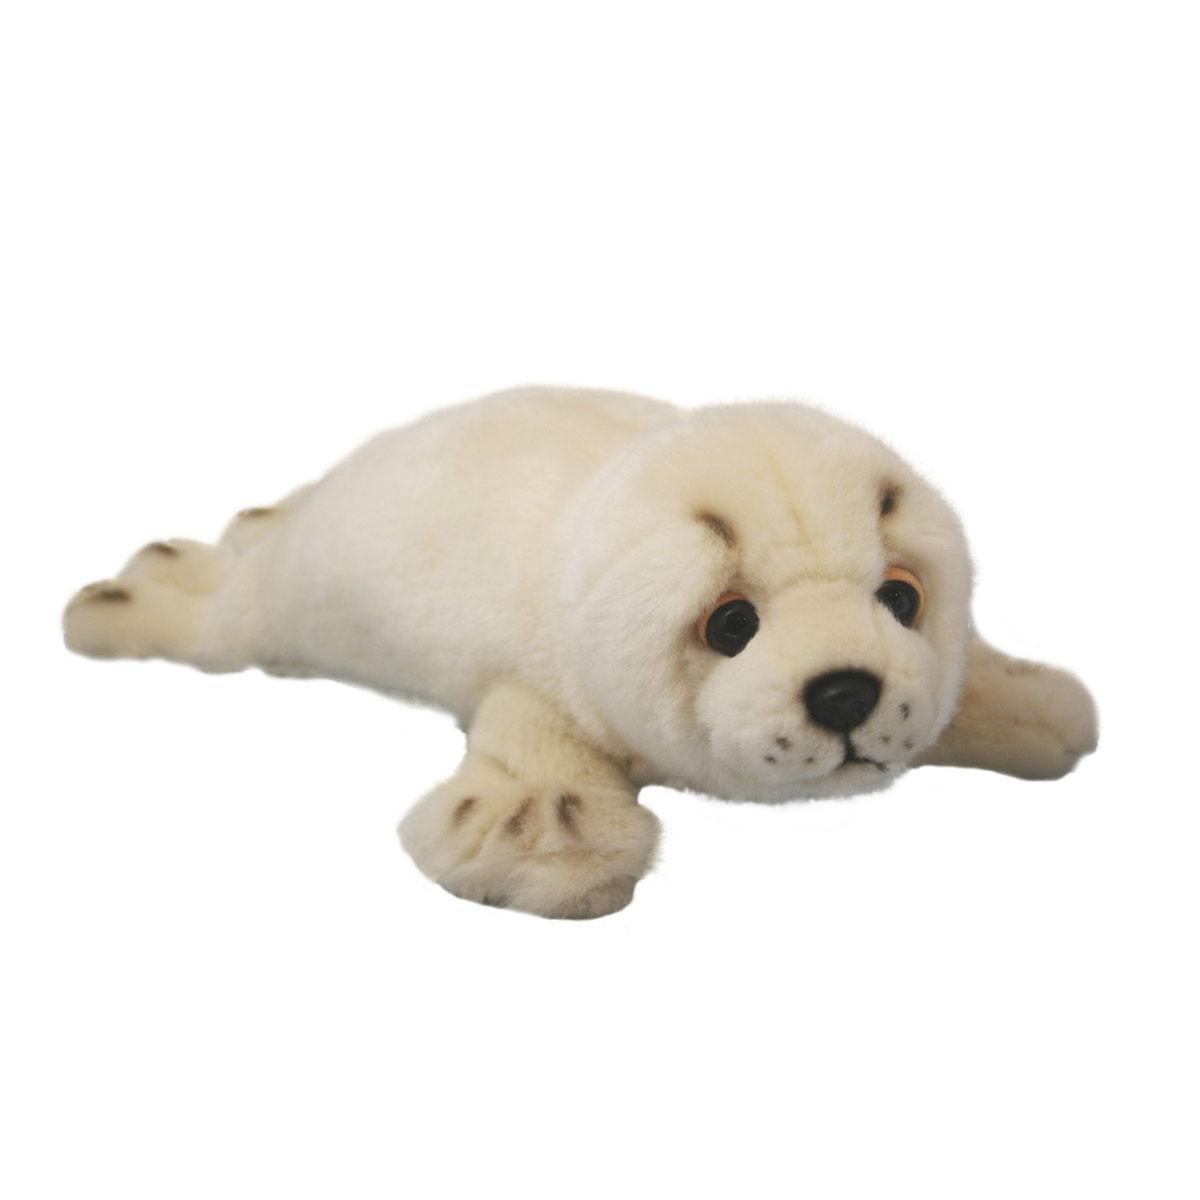 Мягкая игрушка Keel Toys Тюлень 29 см от Младенец.ru